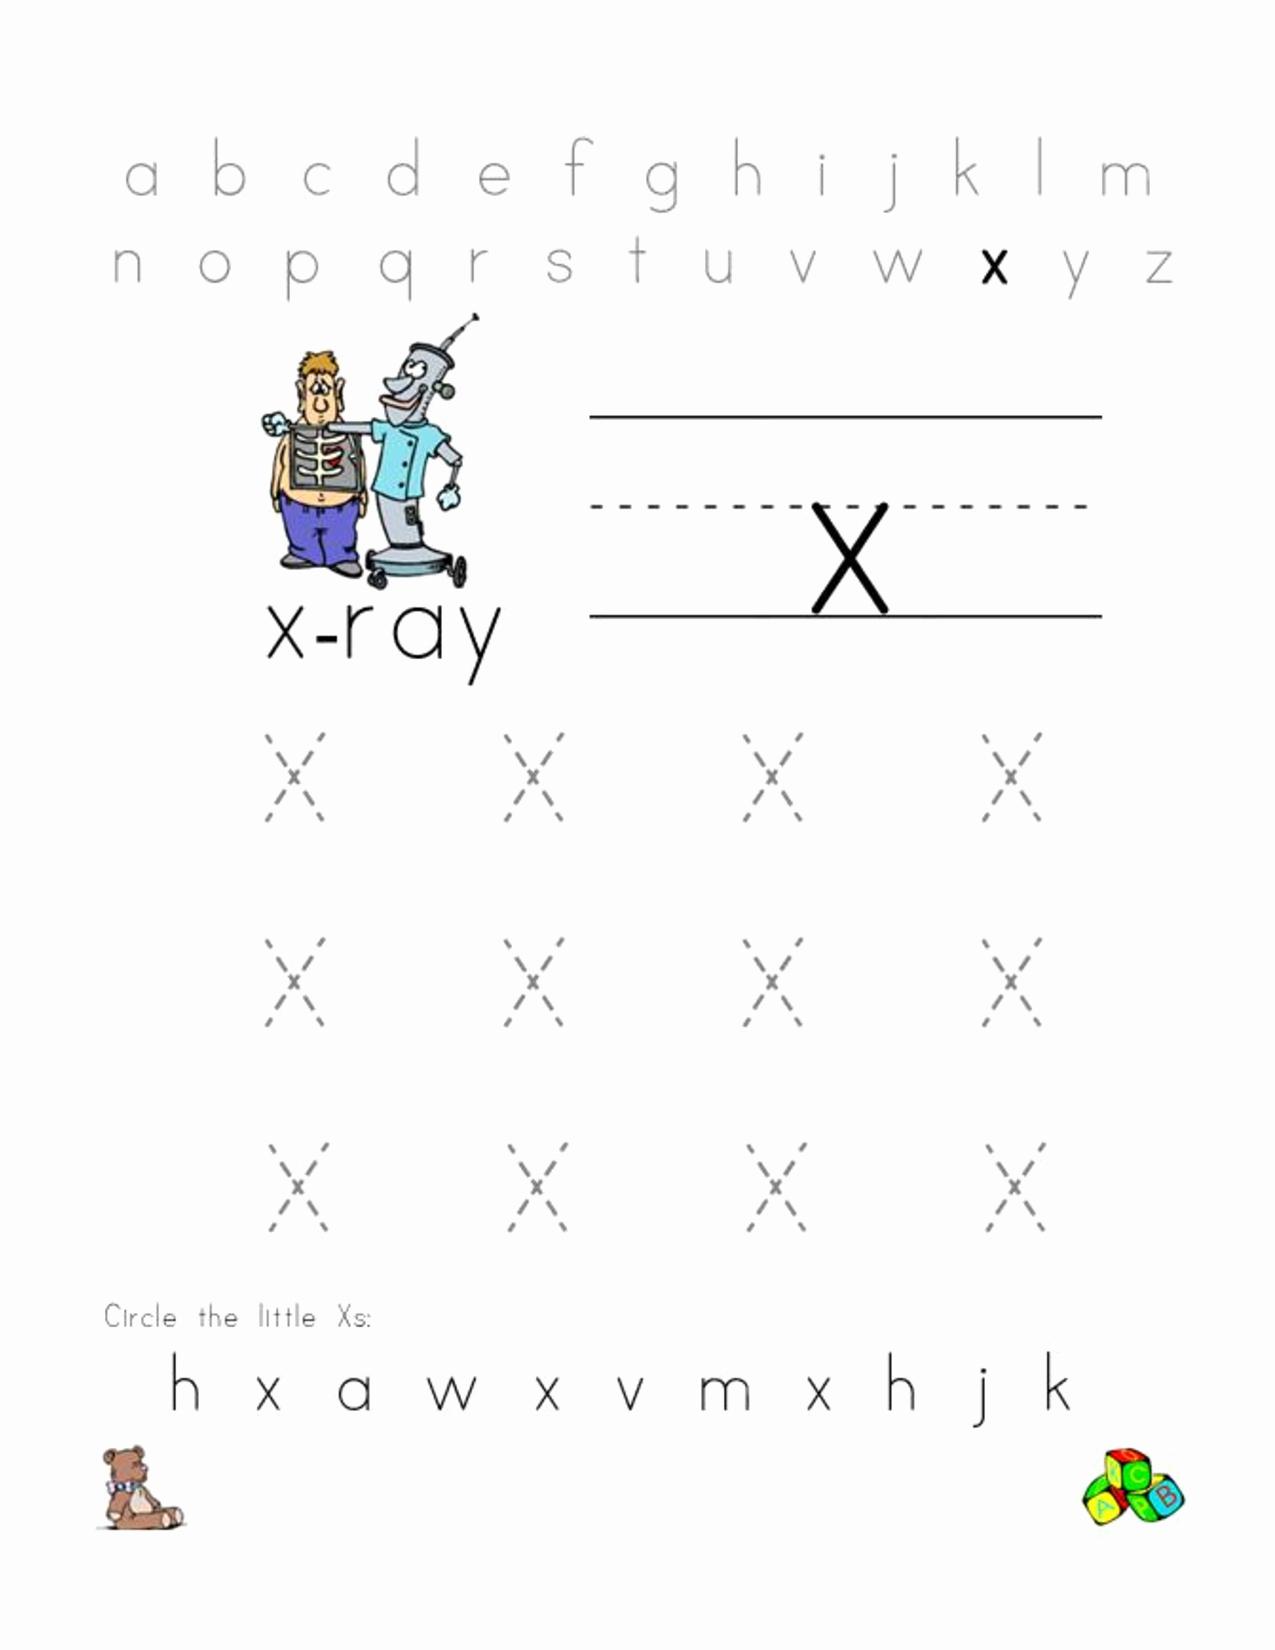 Letter X Worksheets Kindergarten Beautiful Free Letter X Worksheets for Preschool Preschool Crafts